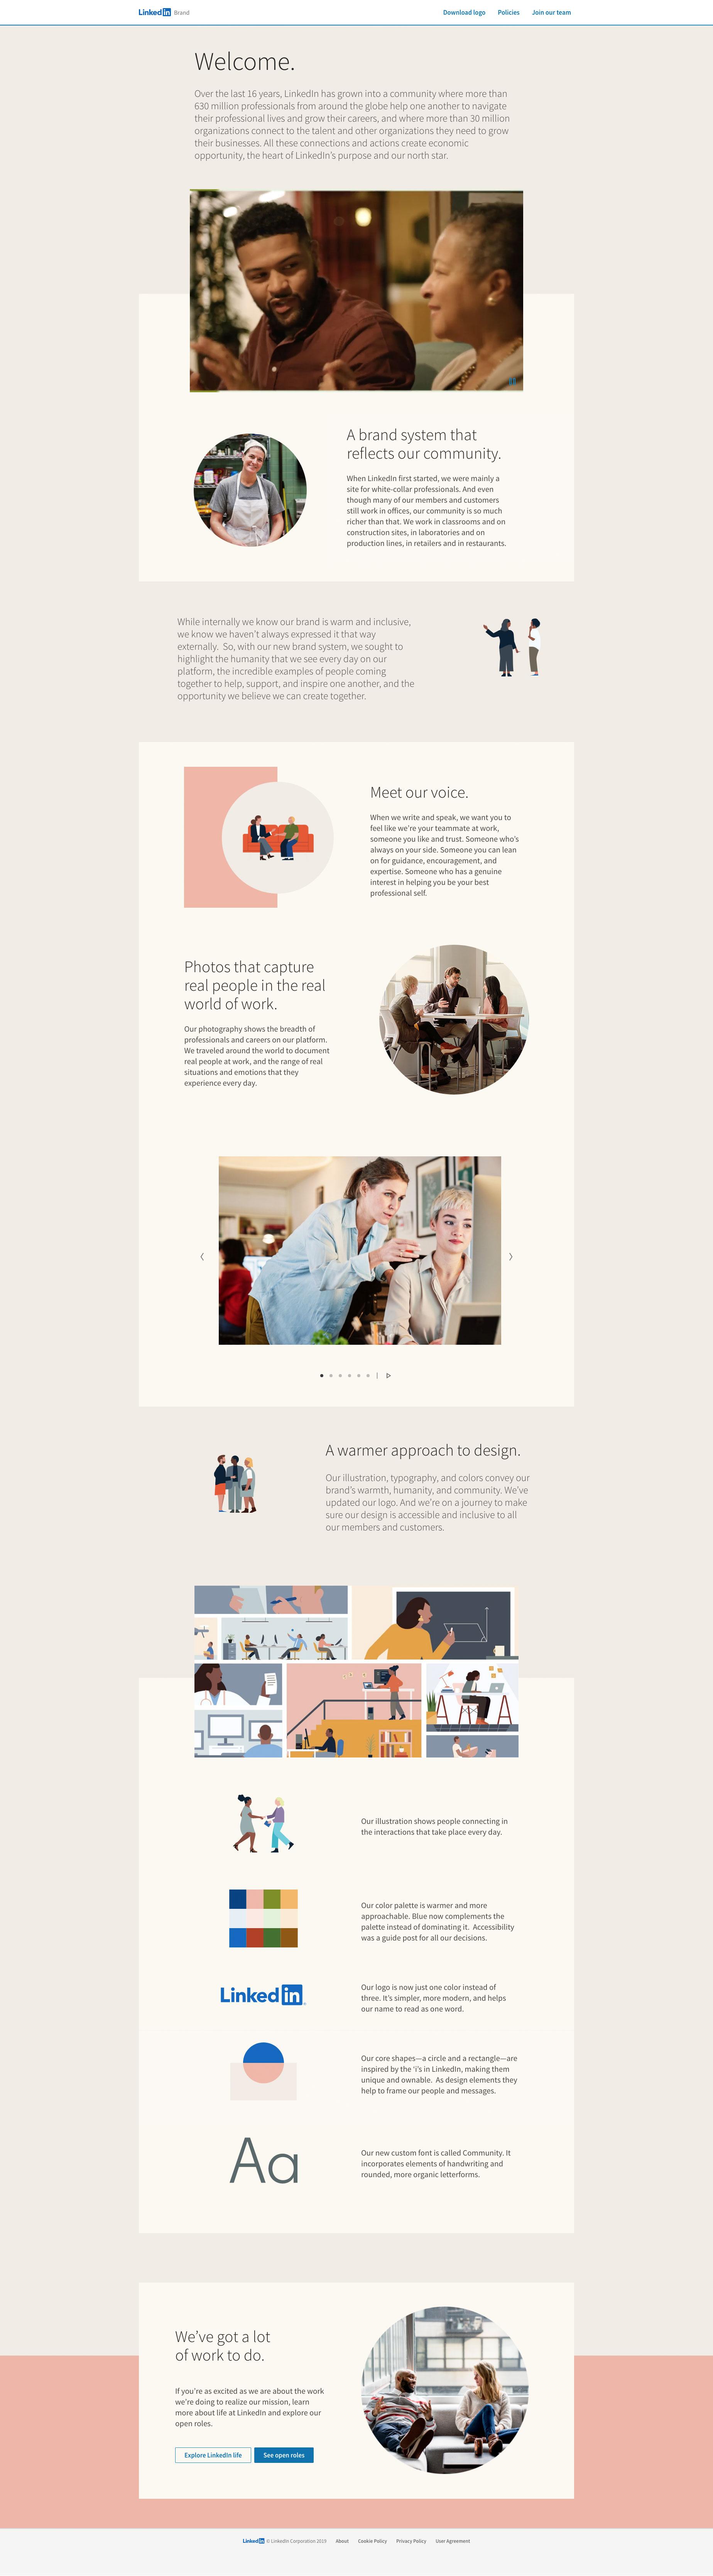 linkedin_homepage